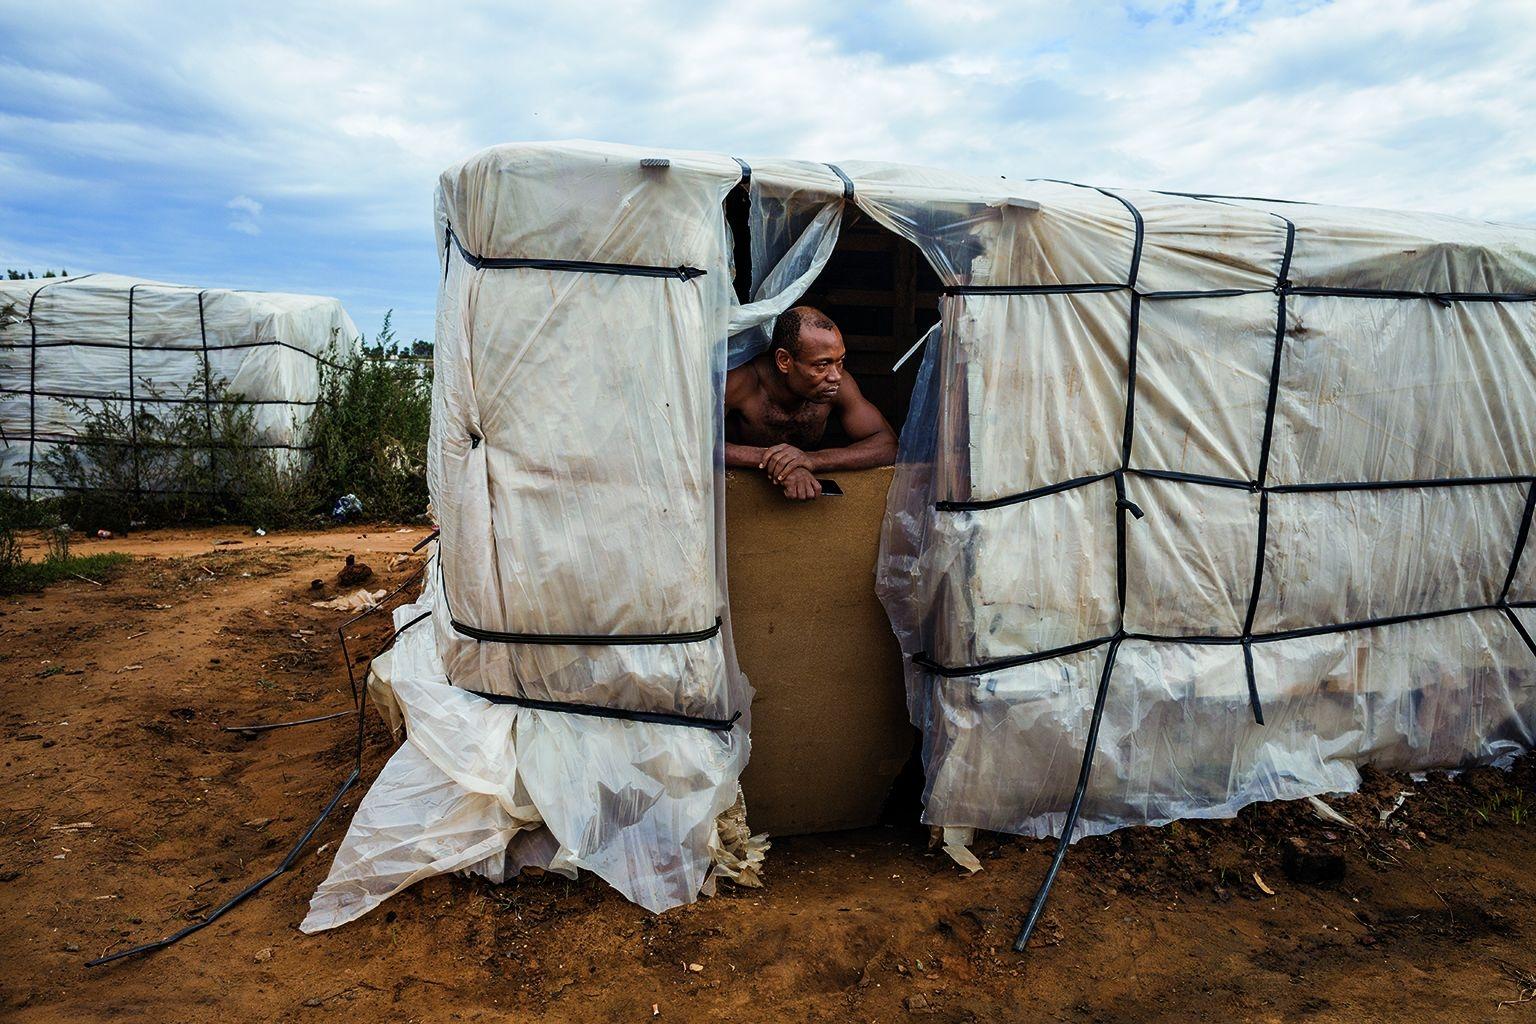 這名38歲的奈及利亞人是工程師背景。他曾以為西班牙是通往歐洲更美好生活的門戶,但那已是14年前的事了。如今,他仍在西班牙的栽種或採收工作之間遊移,並住在田地工人用廢木料和塑料拼裝的棚屋裡。攝影:艾托.萊拉 AITOR LARA